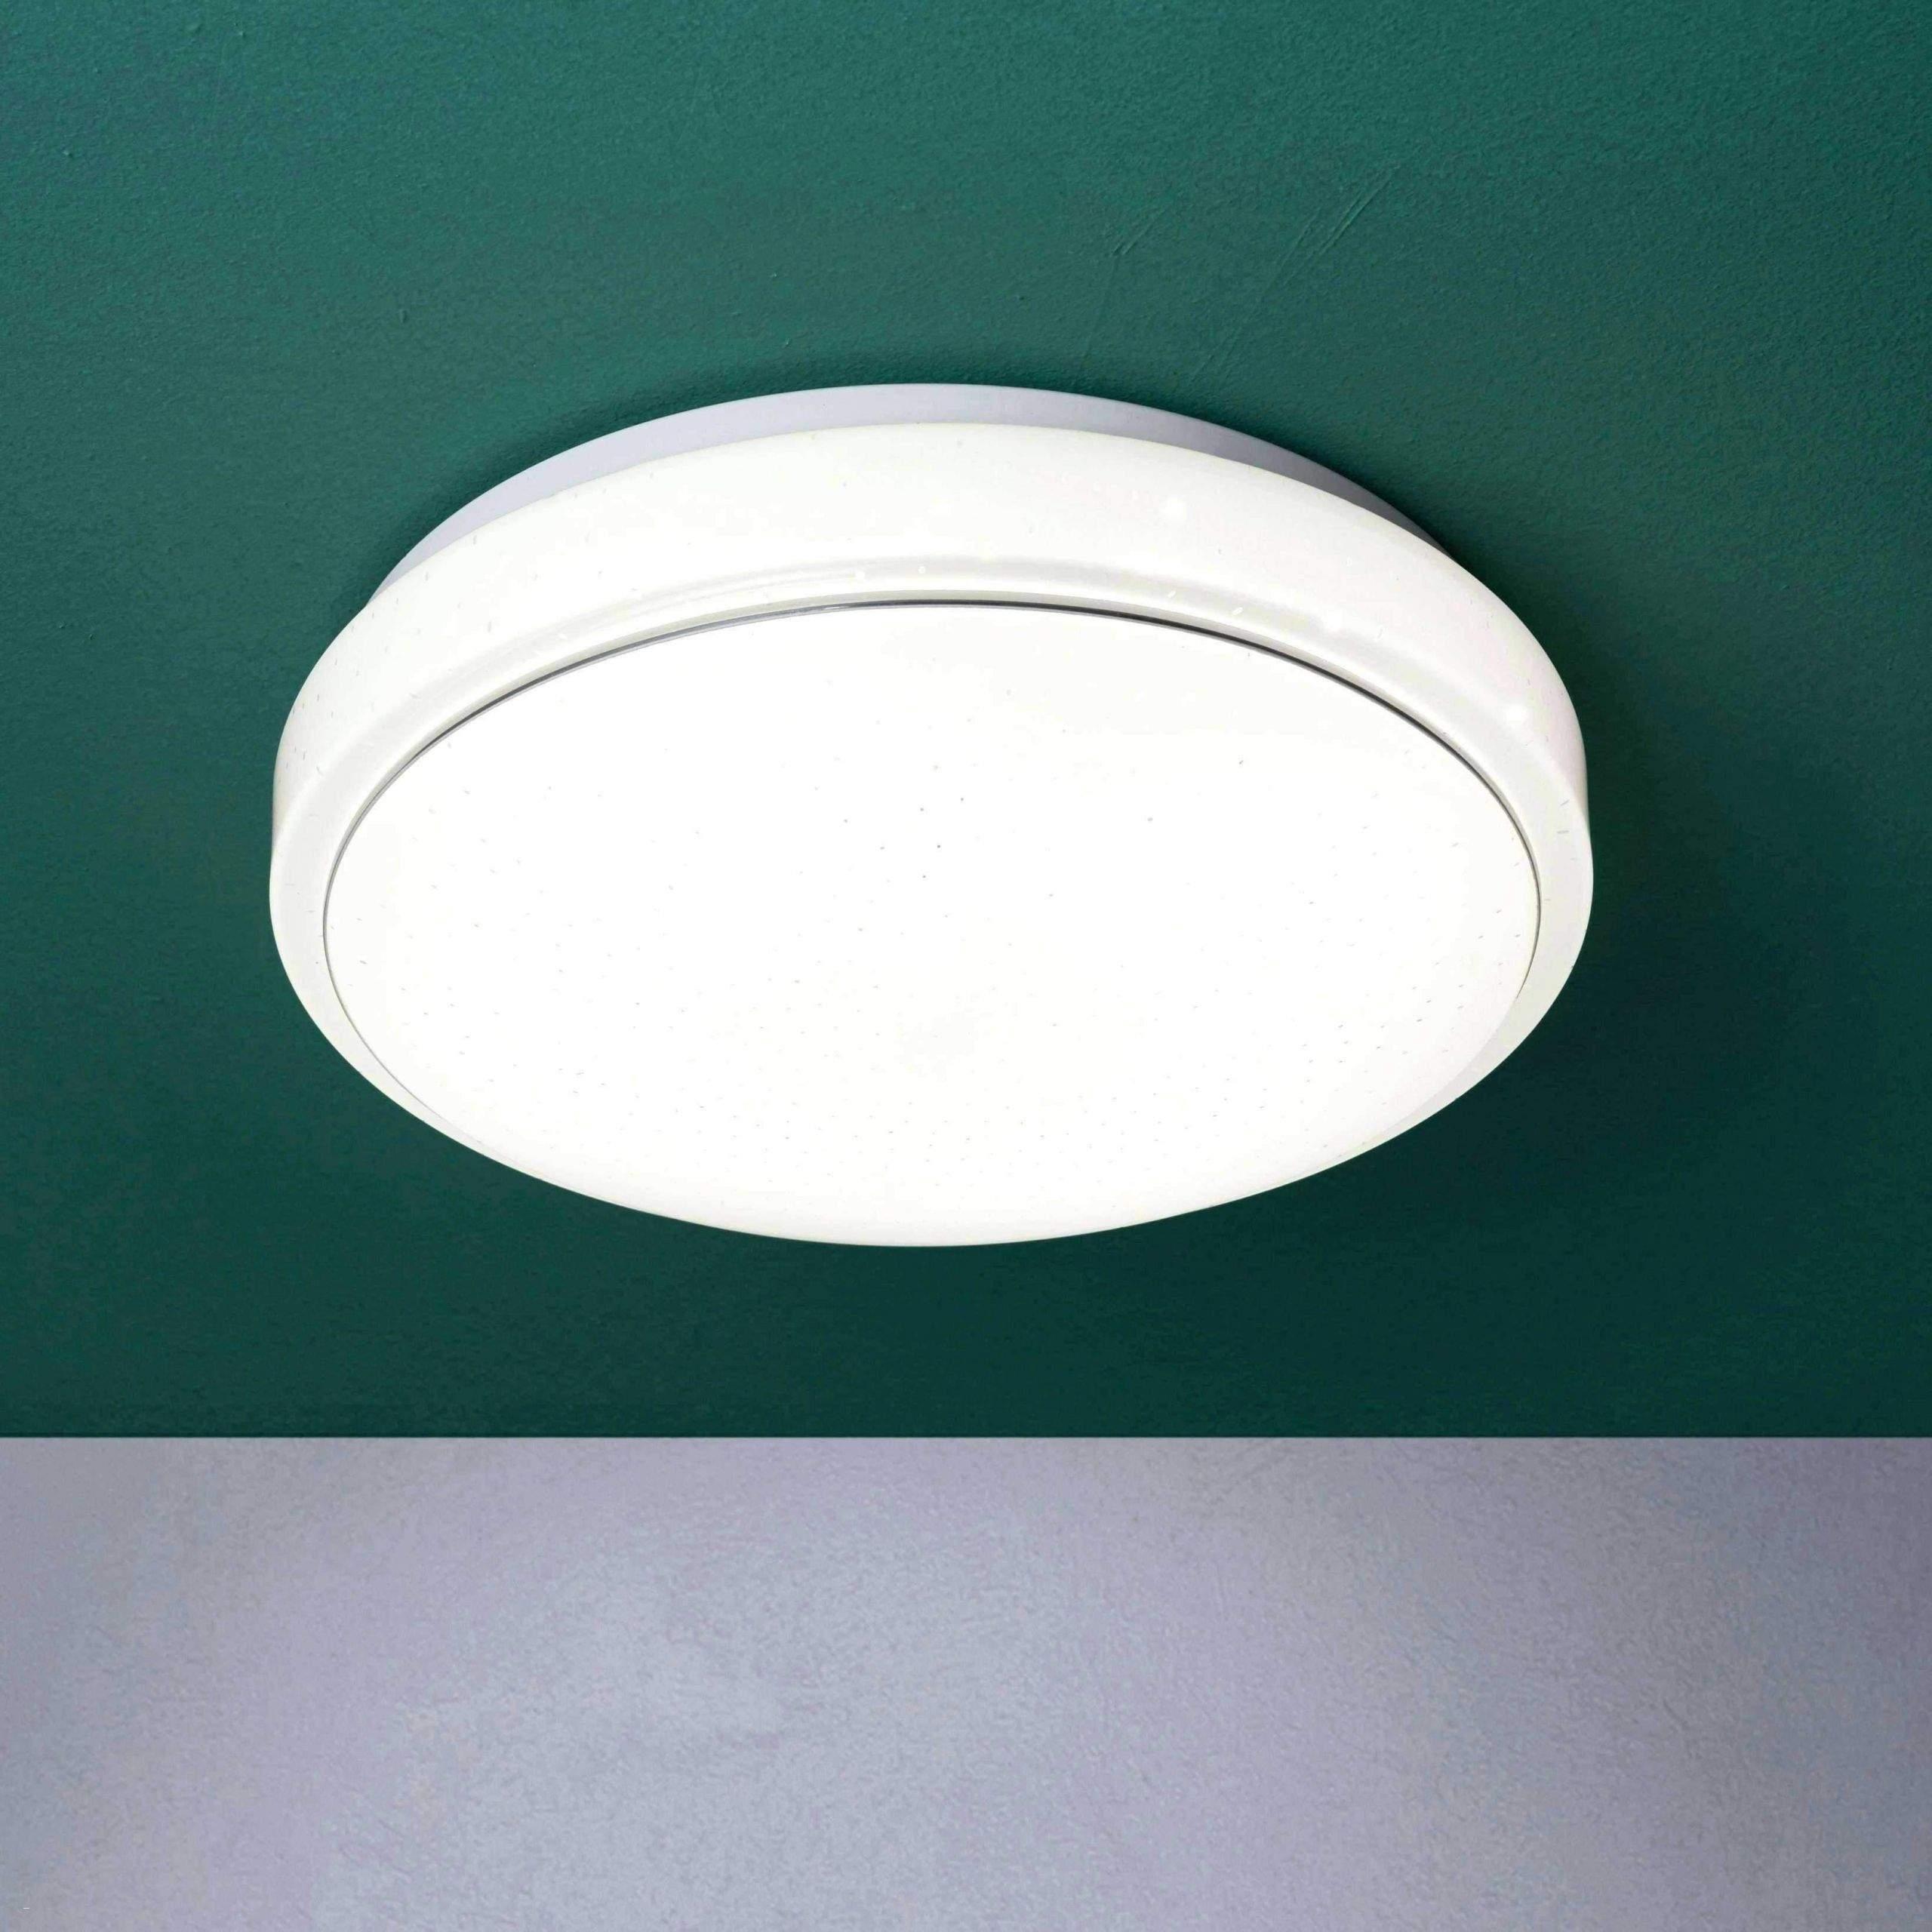 wohnzimmer lampe led frisch 40 beste von wohnzimmer lampen ideen meinung of wohnzimmer lampe led scaled